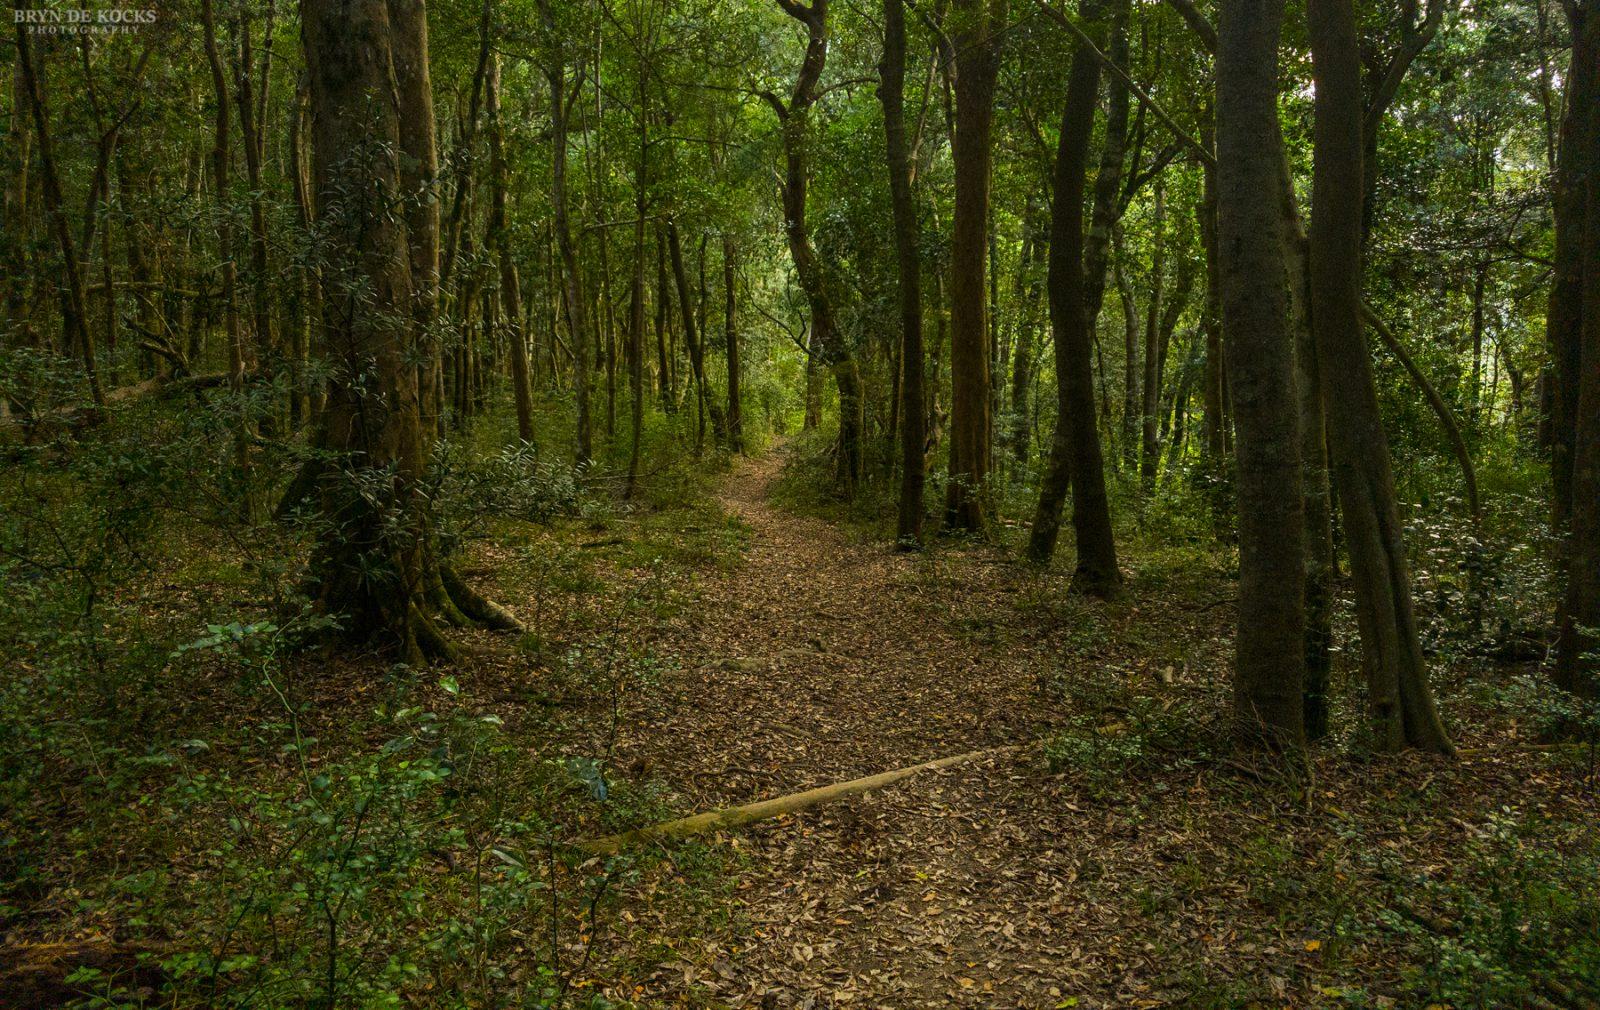 grootvadersbosch-forest